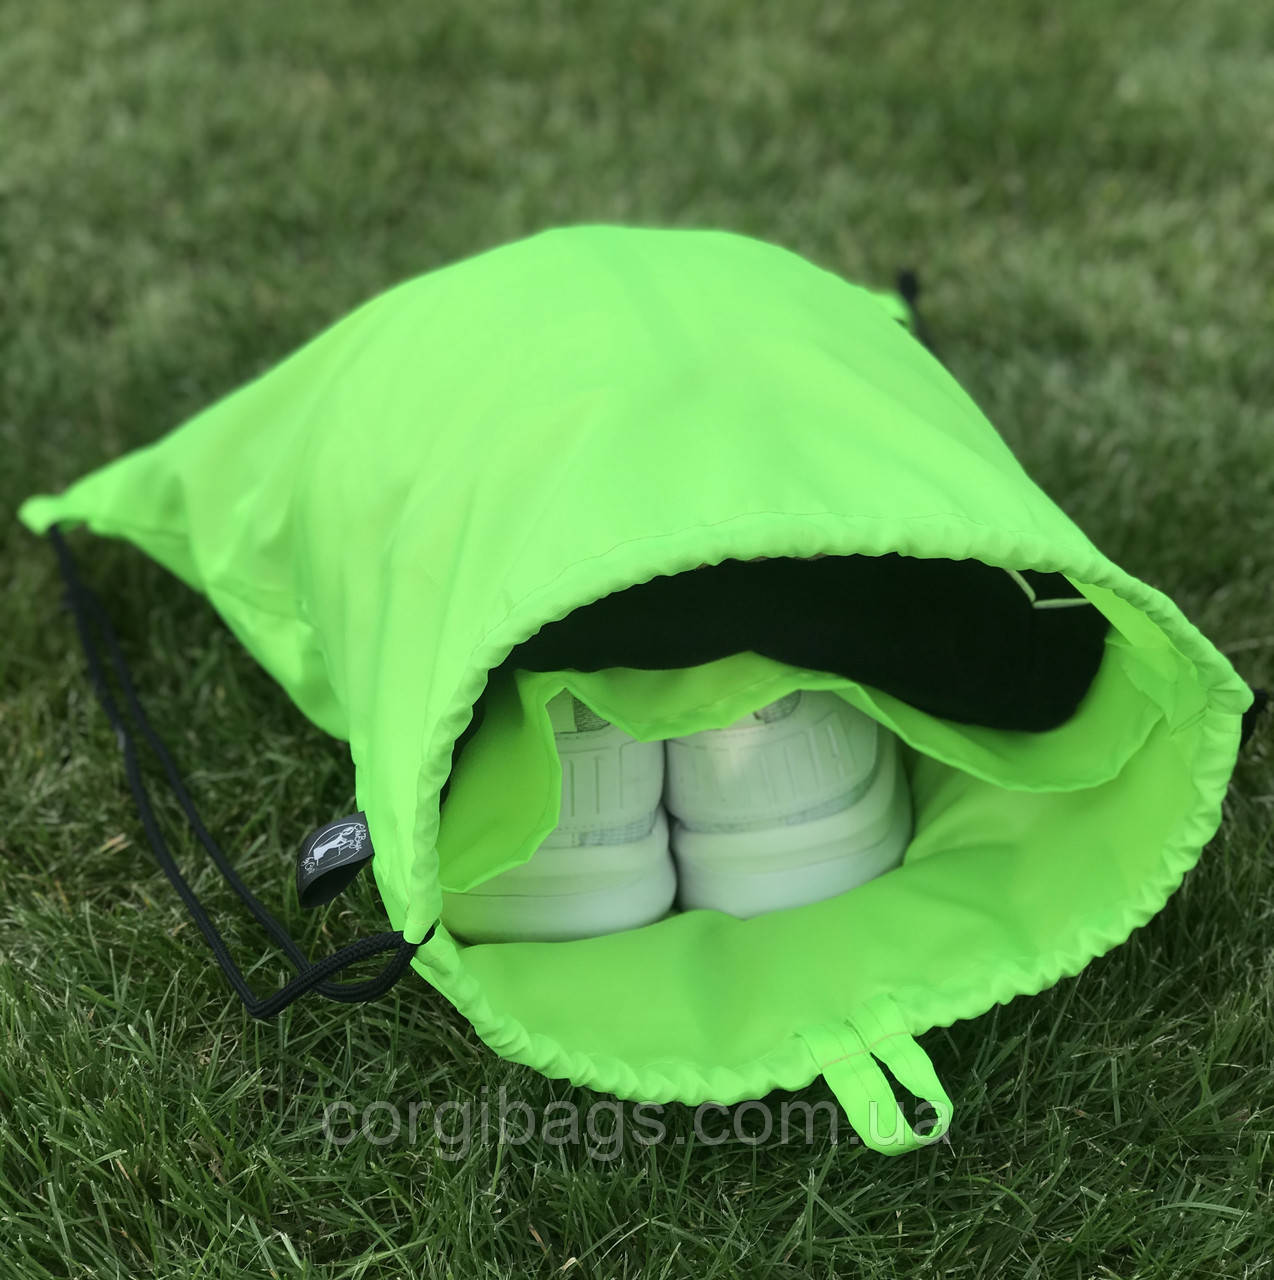 Рюкзак-мешок для сменной обуви, рюкзак-мешок для Спортивной формы, органайзер для обуви, салатовый, 43х36см